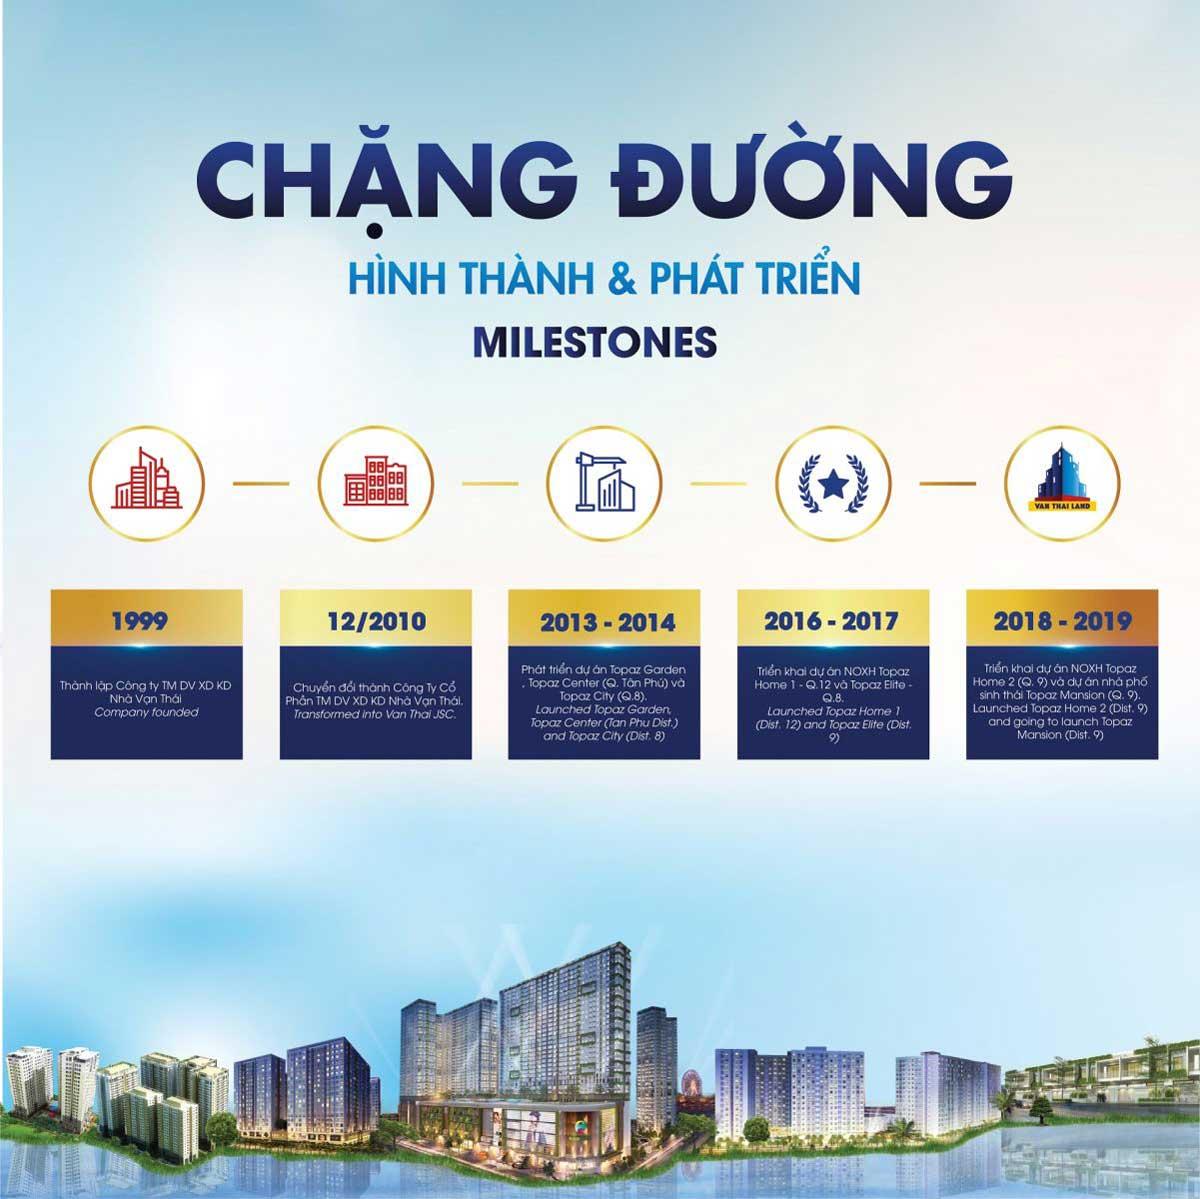 chang duong phat trien van thai land - CÔNG TY CỔ PHẦN THƯƠNG MẠI DỊCH VỤ - XÂY DỰNG KINH DOANH NHÀ VẠN THÁI